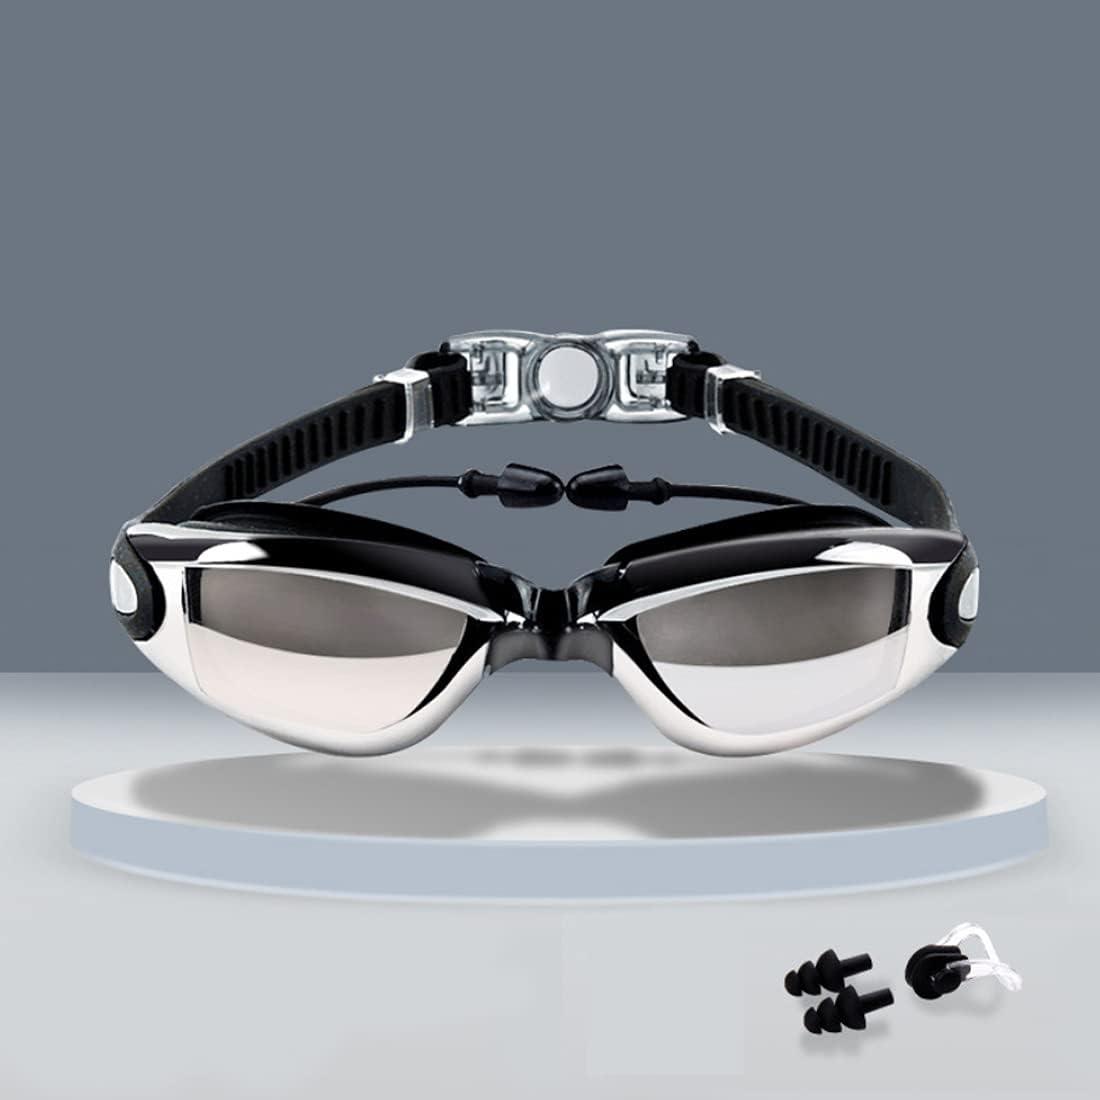 KOEY Gafas de Natación,Protección UV Impermeable y Antivaho,con Funda Protectora y Puente Nasal de Silicona Suave,con Clip Nasal y Tapones para los Oídos,Apto para Hombres,Mujeres y Adolescentes